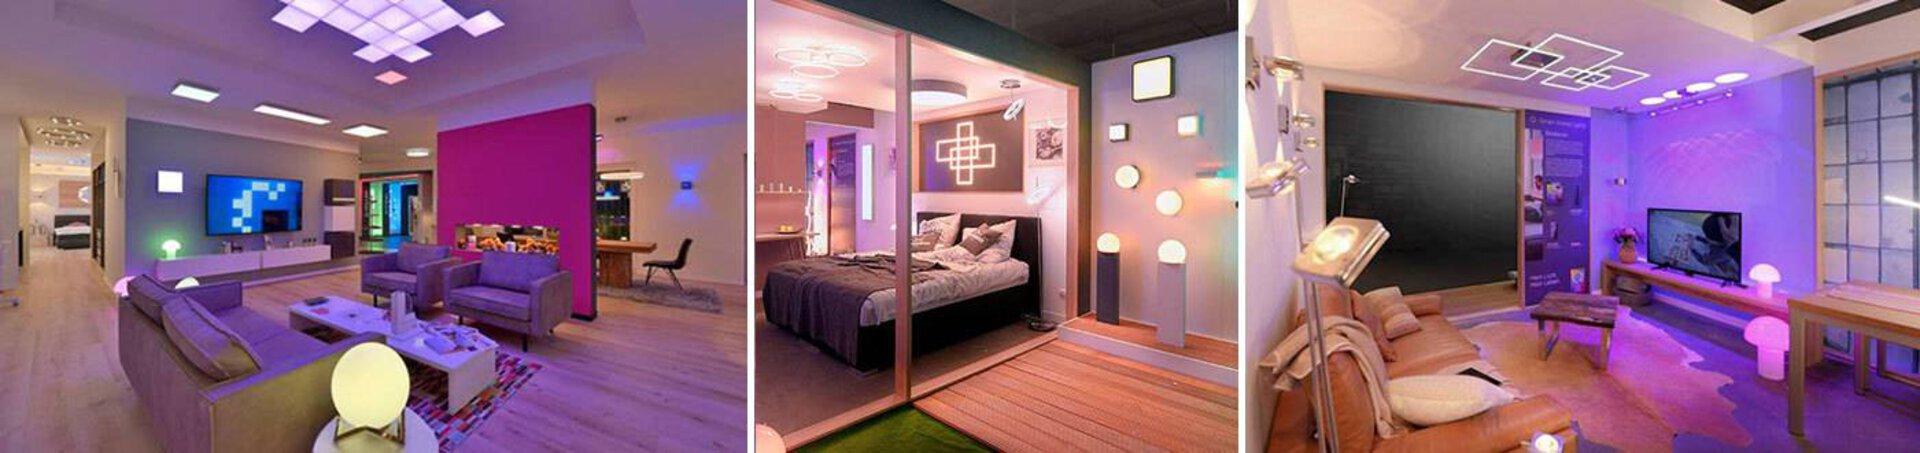 Wohnbereich in buntes Licht getaucht, dank smarter Leuchten. Der Bildbanner dient als Inspiration für Smarte Leuchten innerhalb der Leuchtentrends.